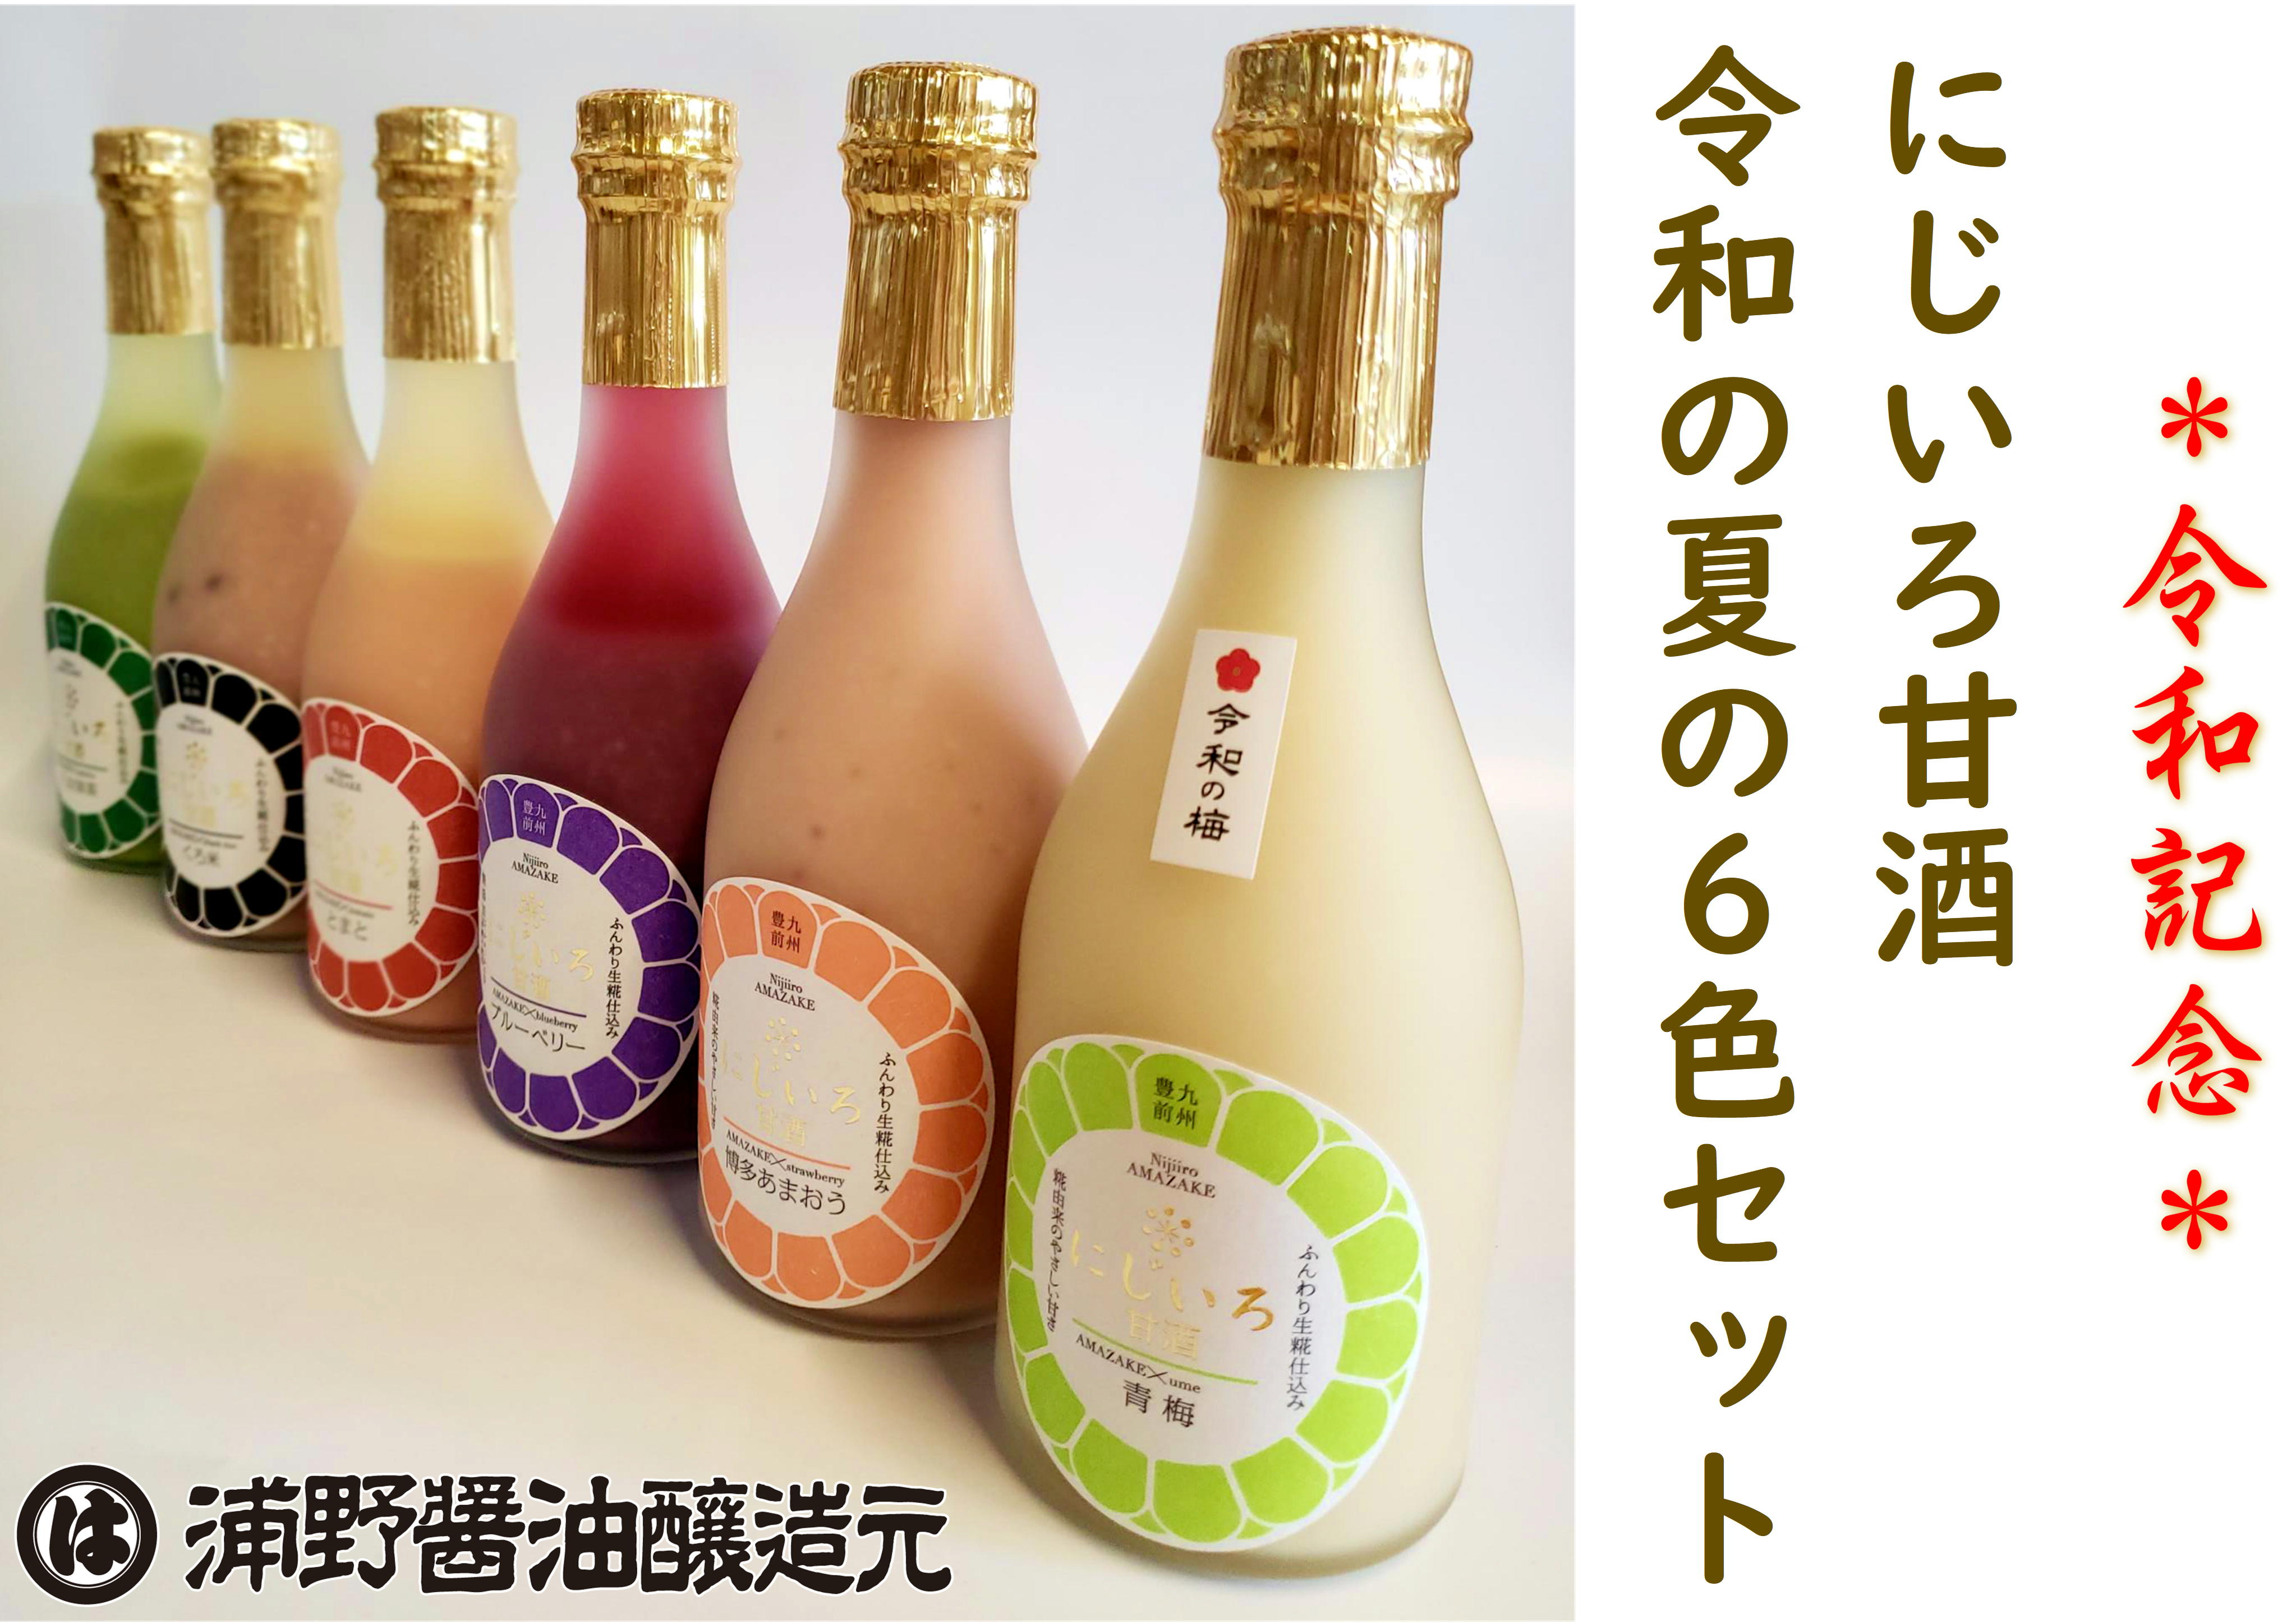 にじいろ甘酒令和の夏のお試し6色セット(青梅・博多あまおう・ブルーベリー・とまと・黒米・八女抹茶)